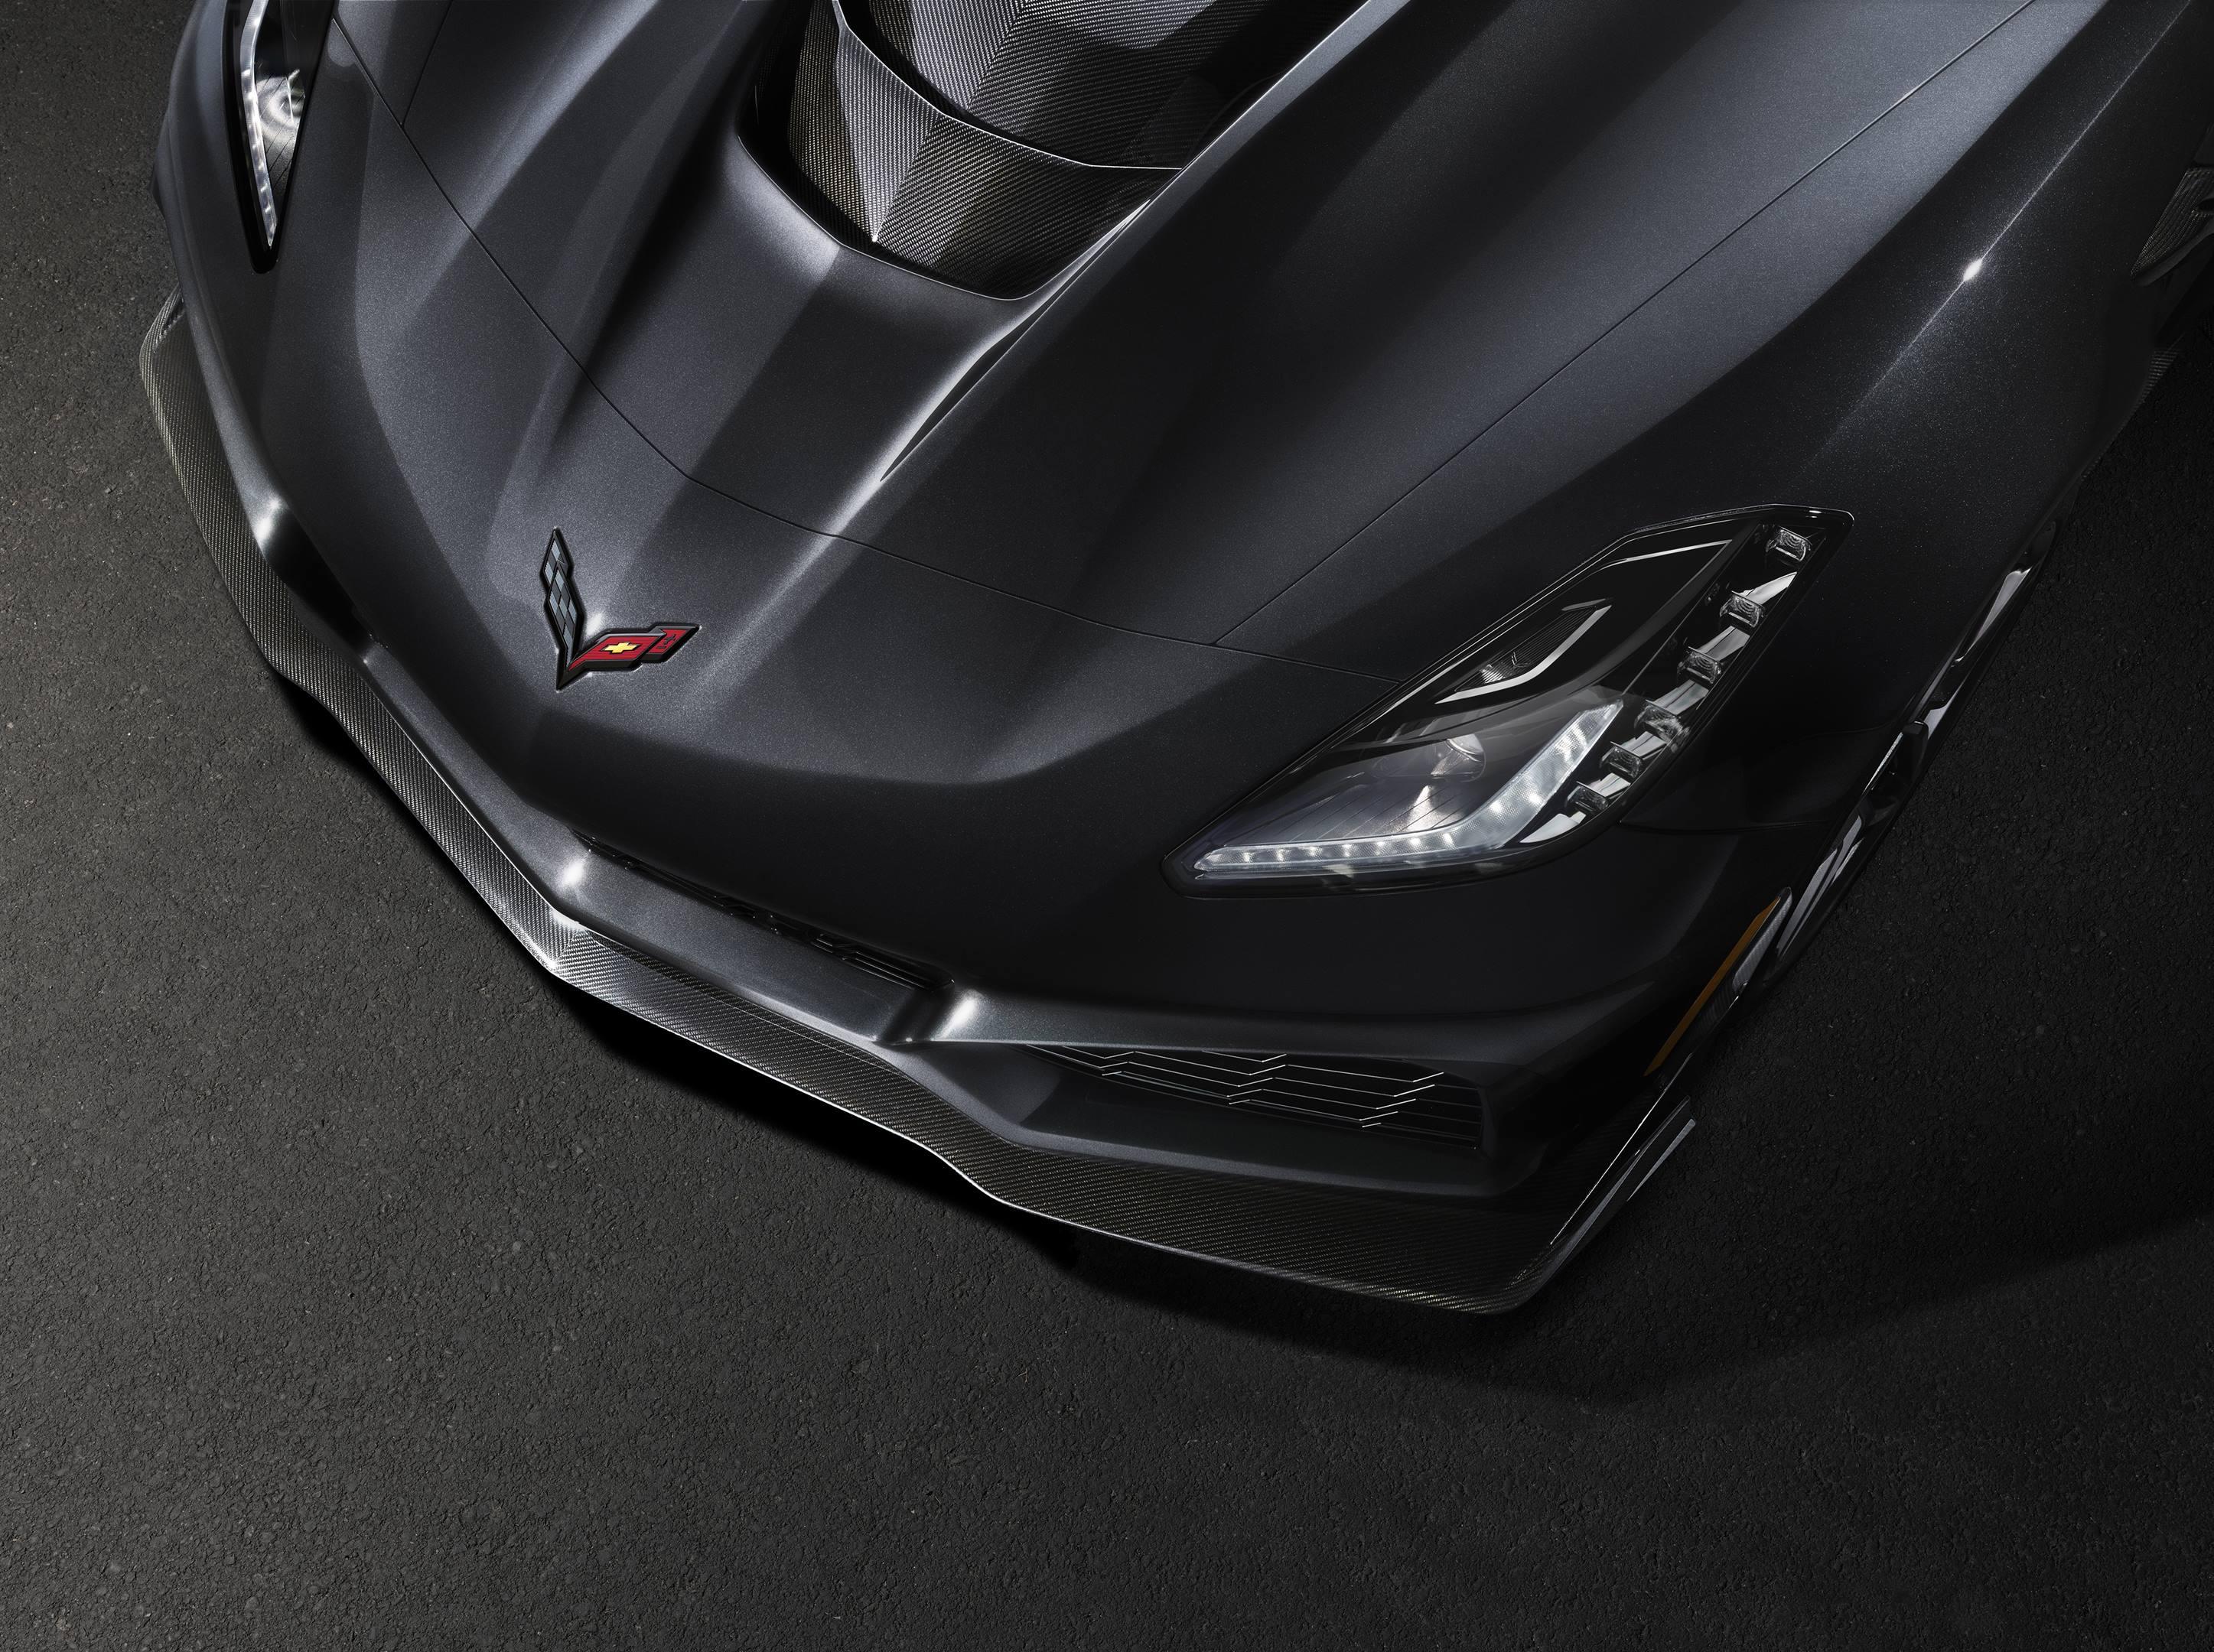 2019 Chevrolet Corvette ZR1 Front hood detail shot